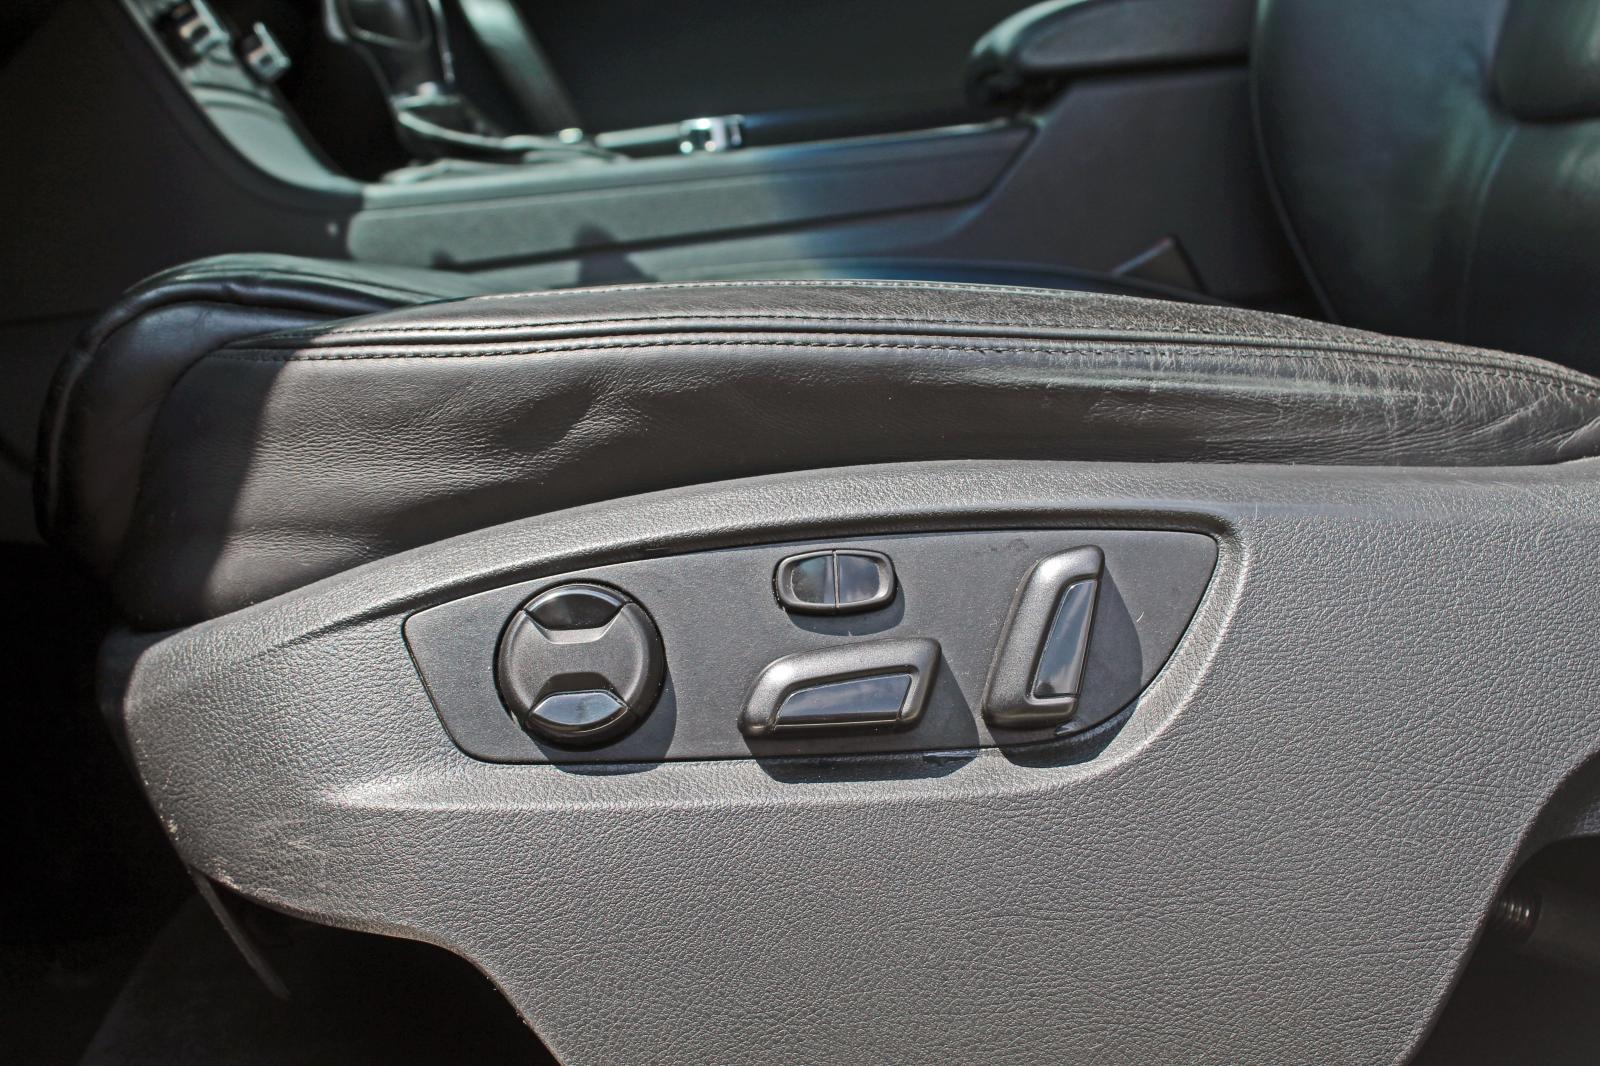 Volkswagen Touareg, II 2010г.